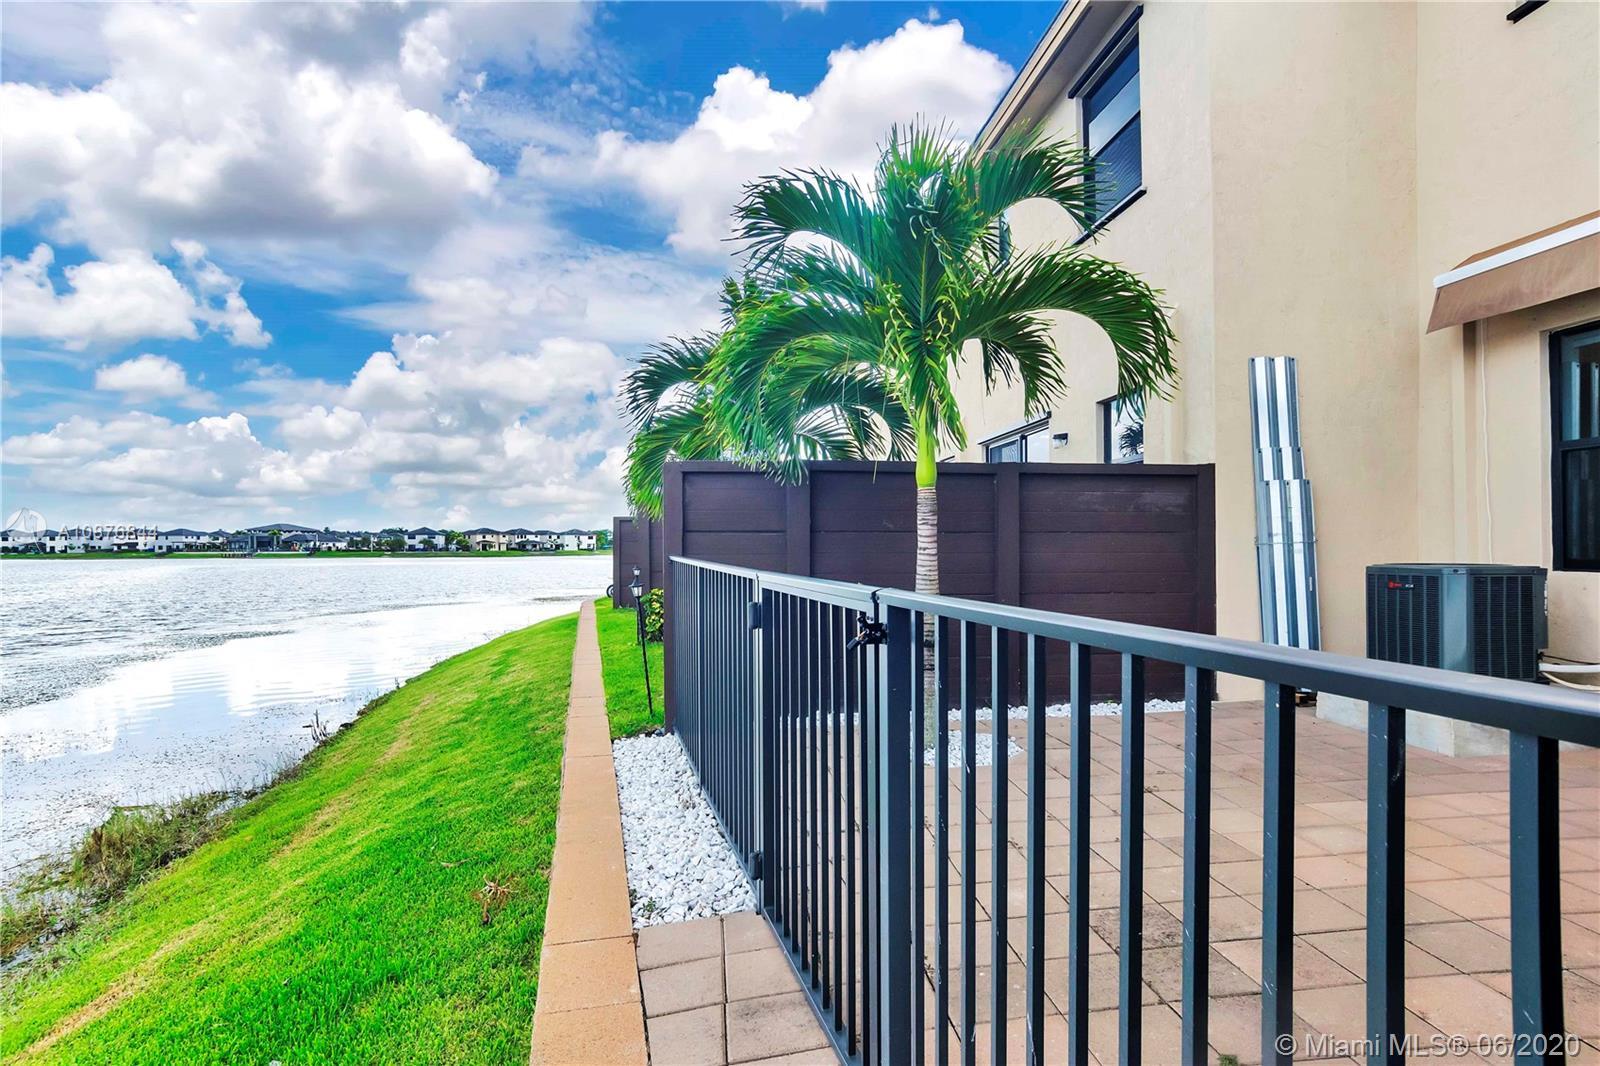 Miami Lakes #15839 - 31 - photo